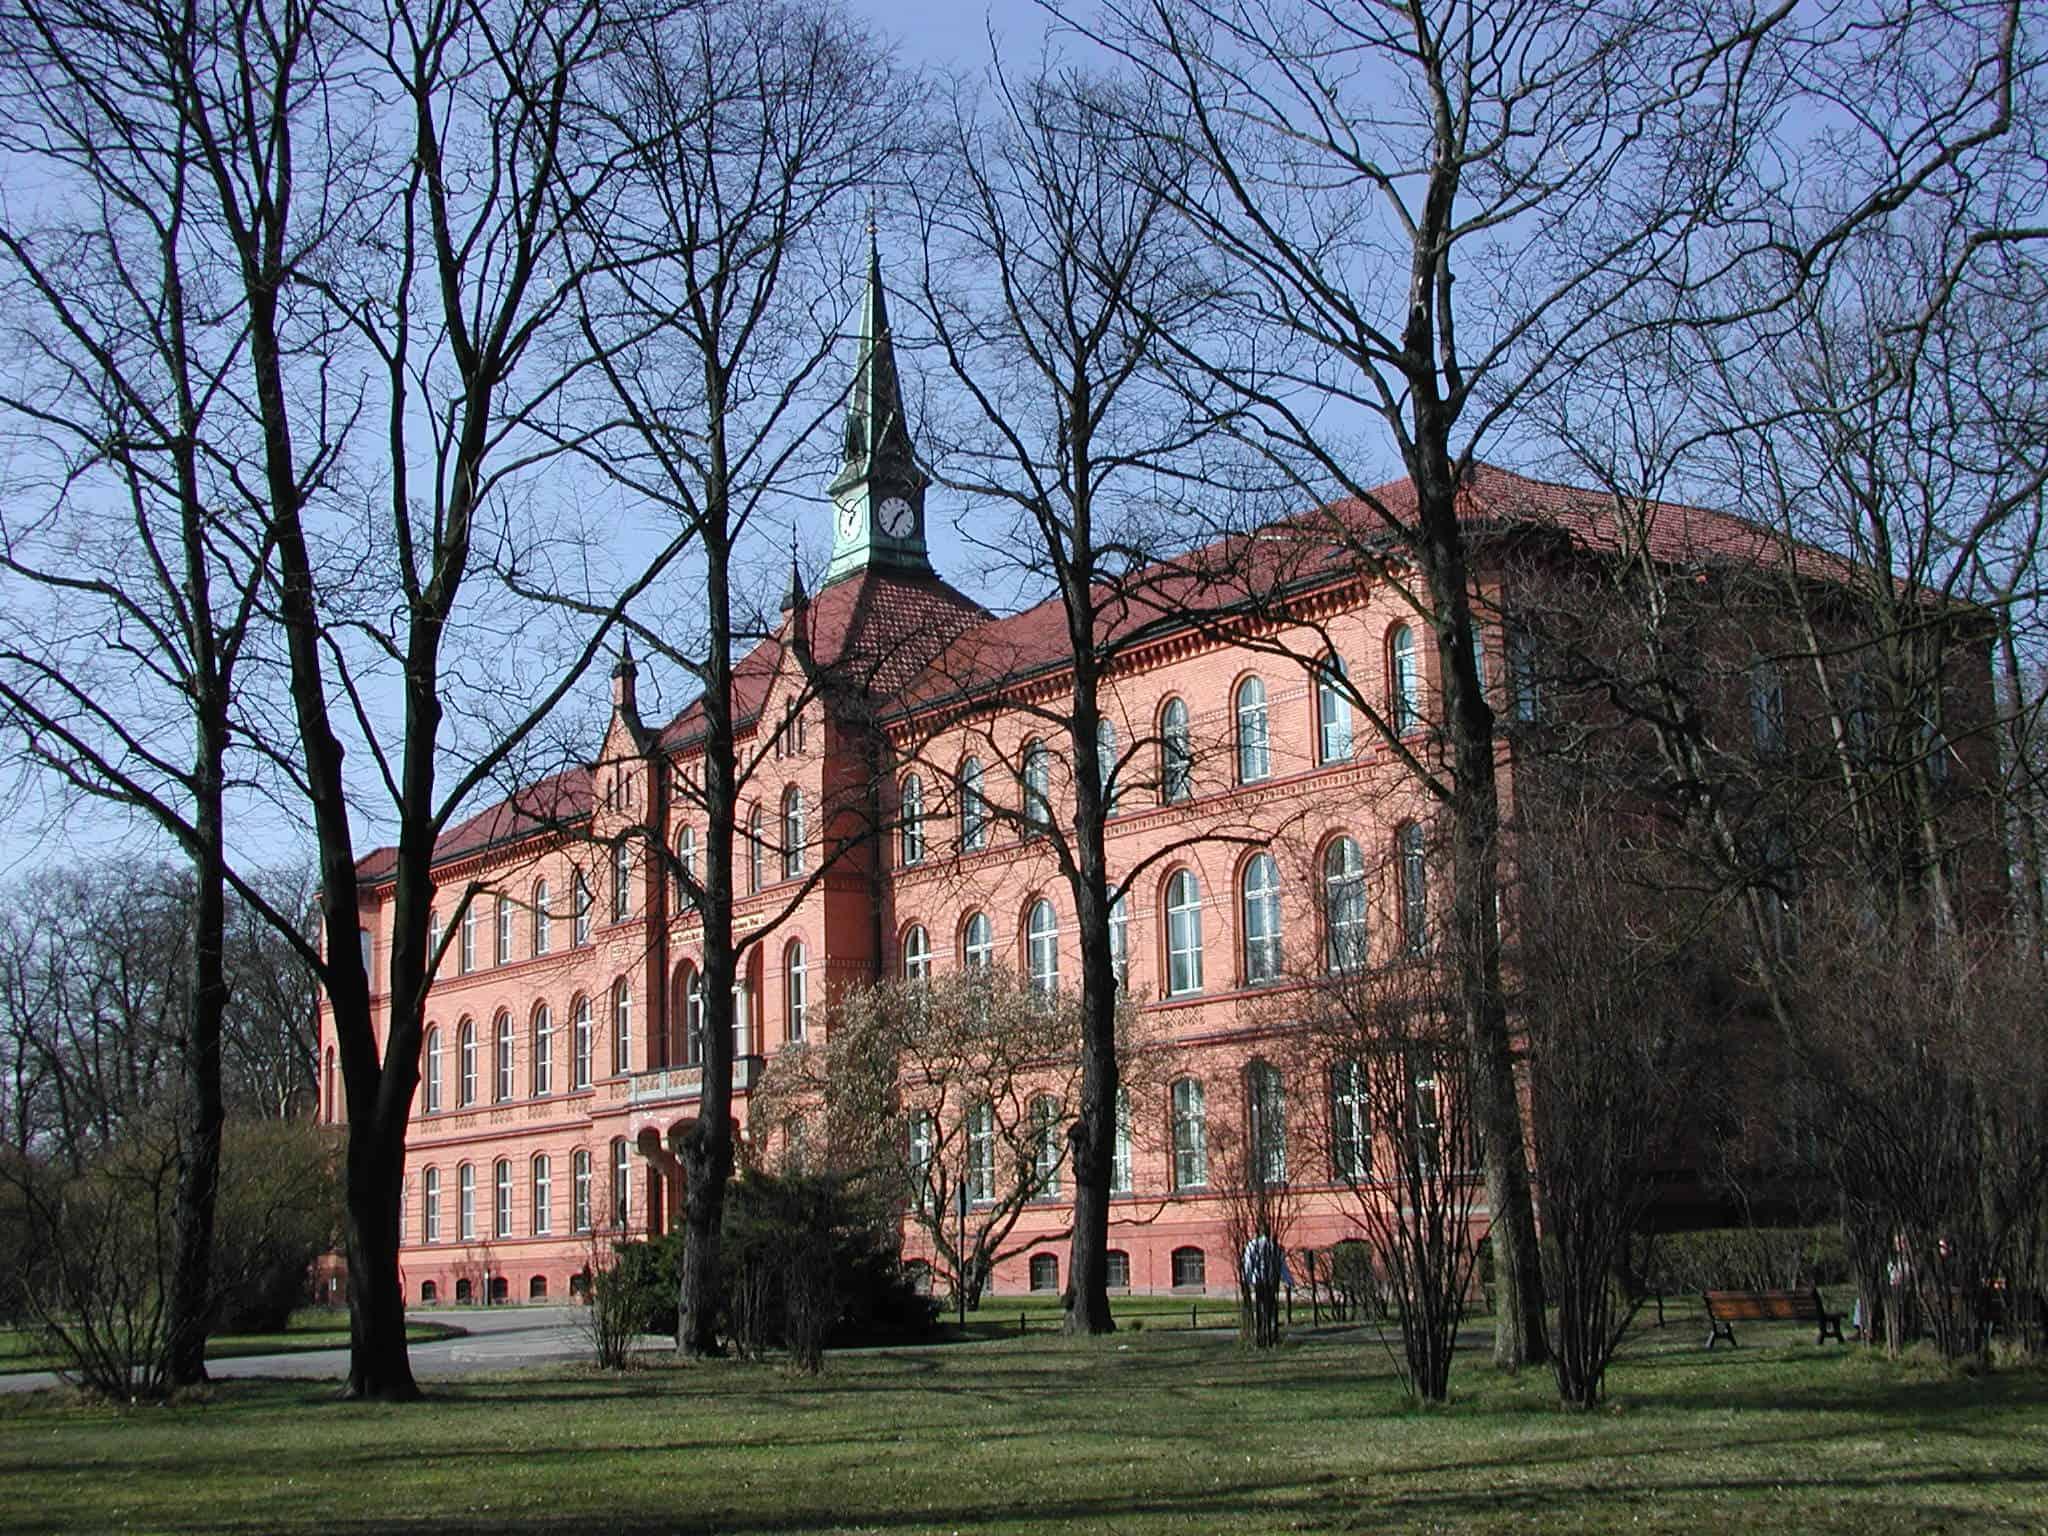 Evangelisches Krankenhaus Königin Elisabeth Herzberge Berlin Haas